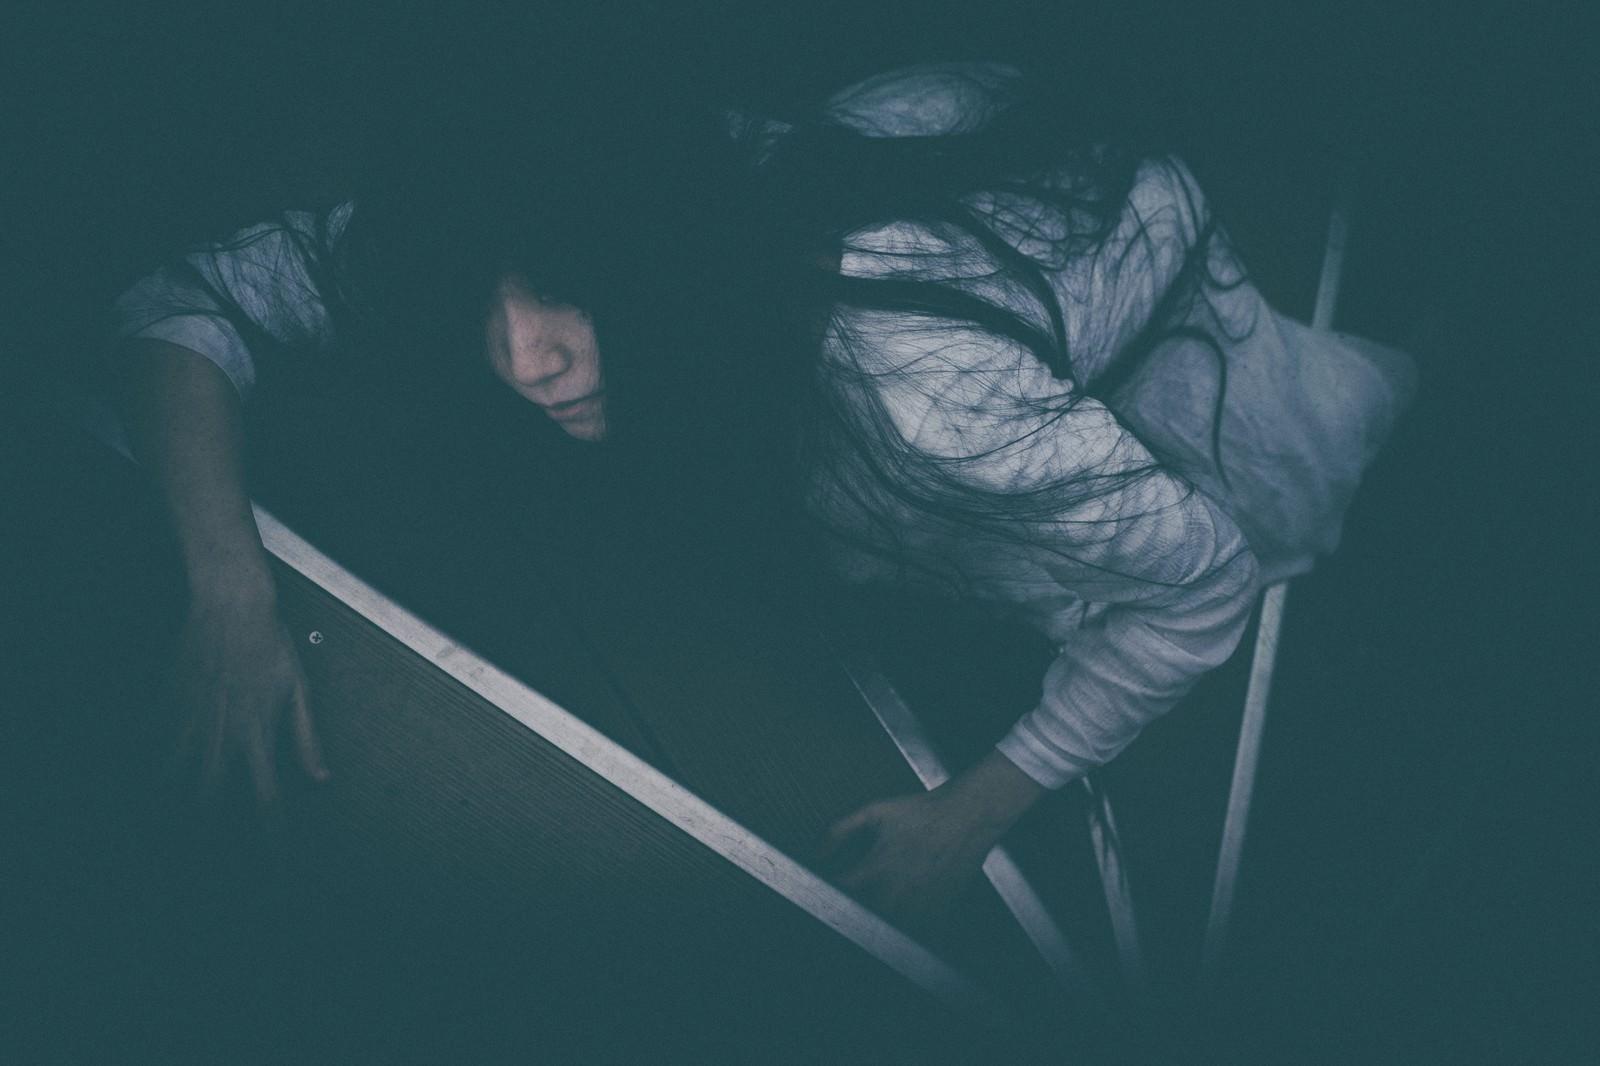 「階段途中で熱中症により倒れた女性」の写真[モデル:緋真煉]